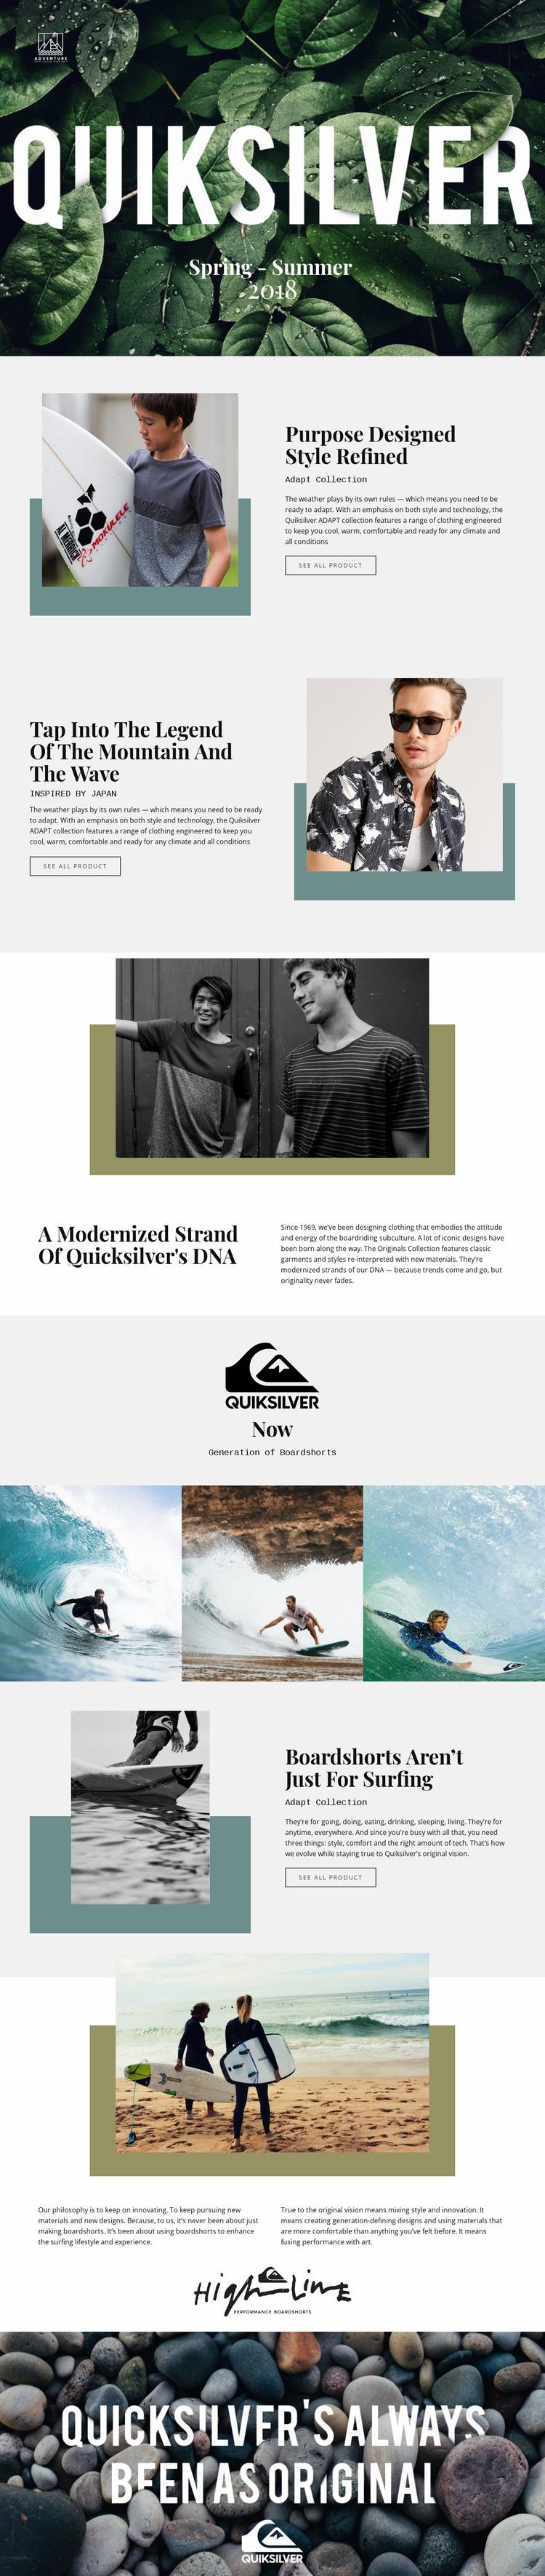 Quiksilver Website Mockup